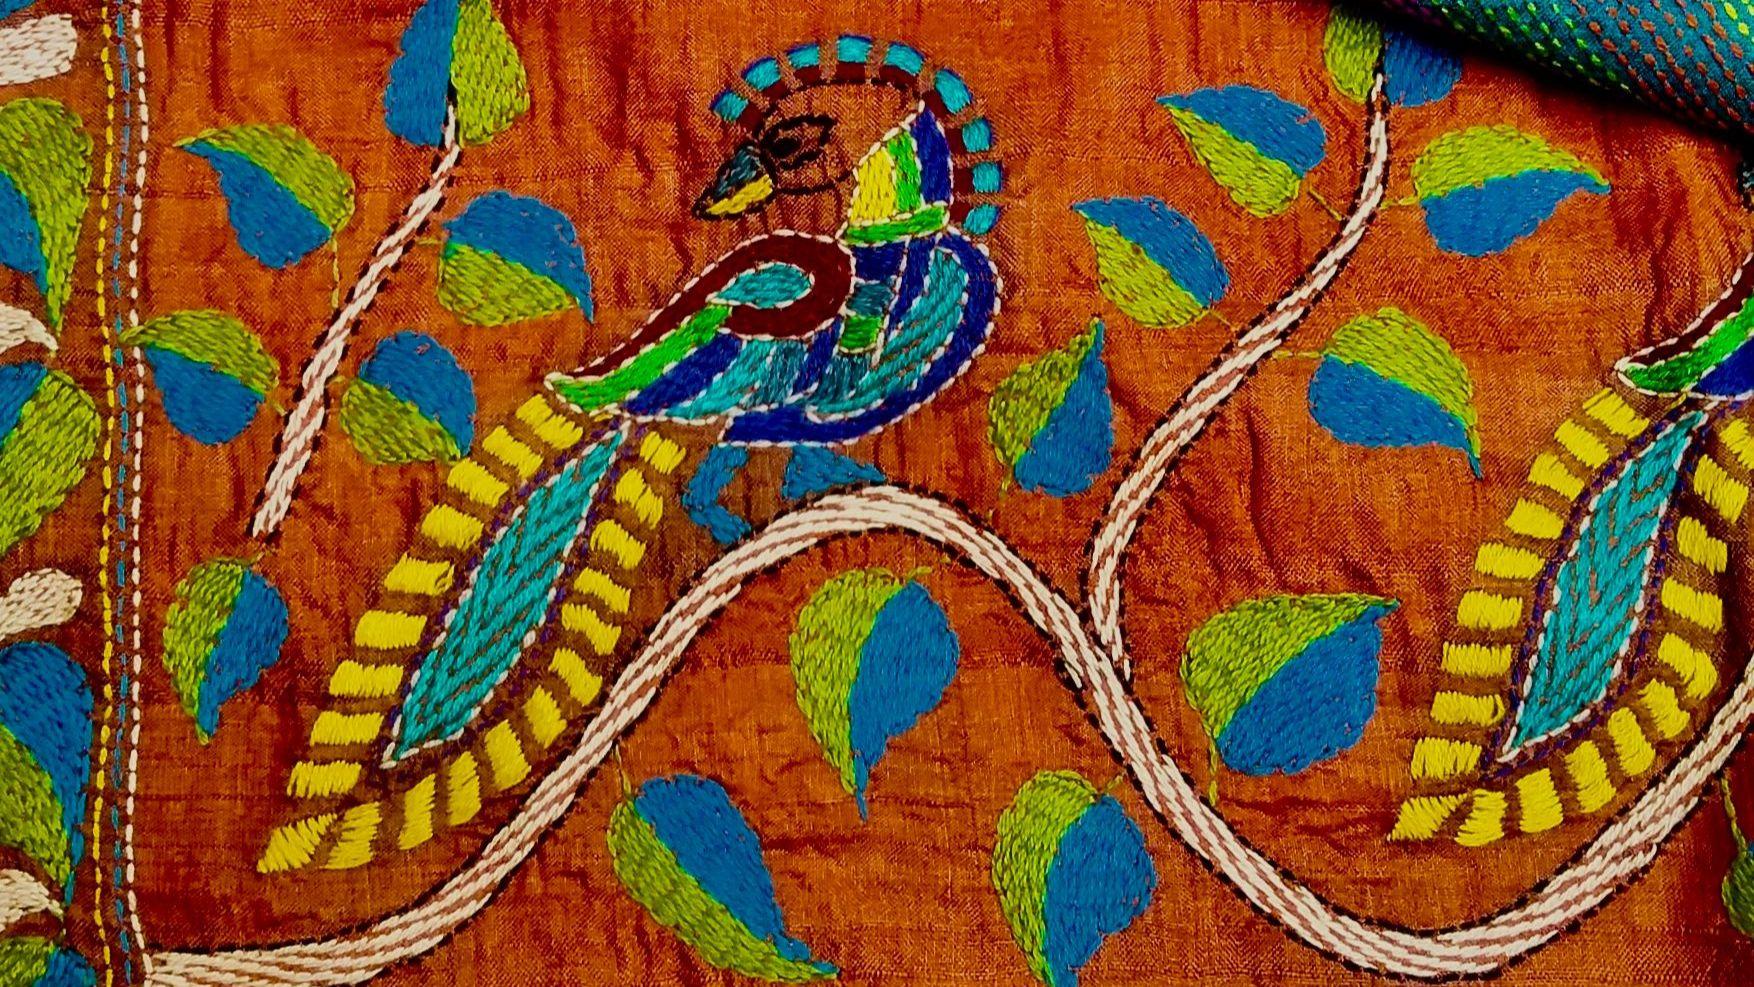 Oiseau de paradis sur soie orange